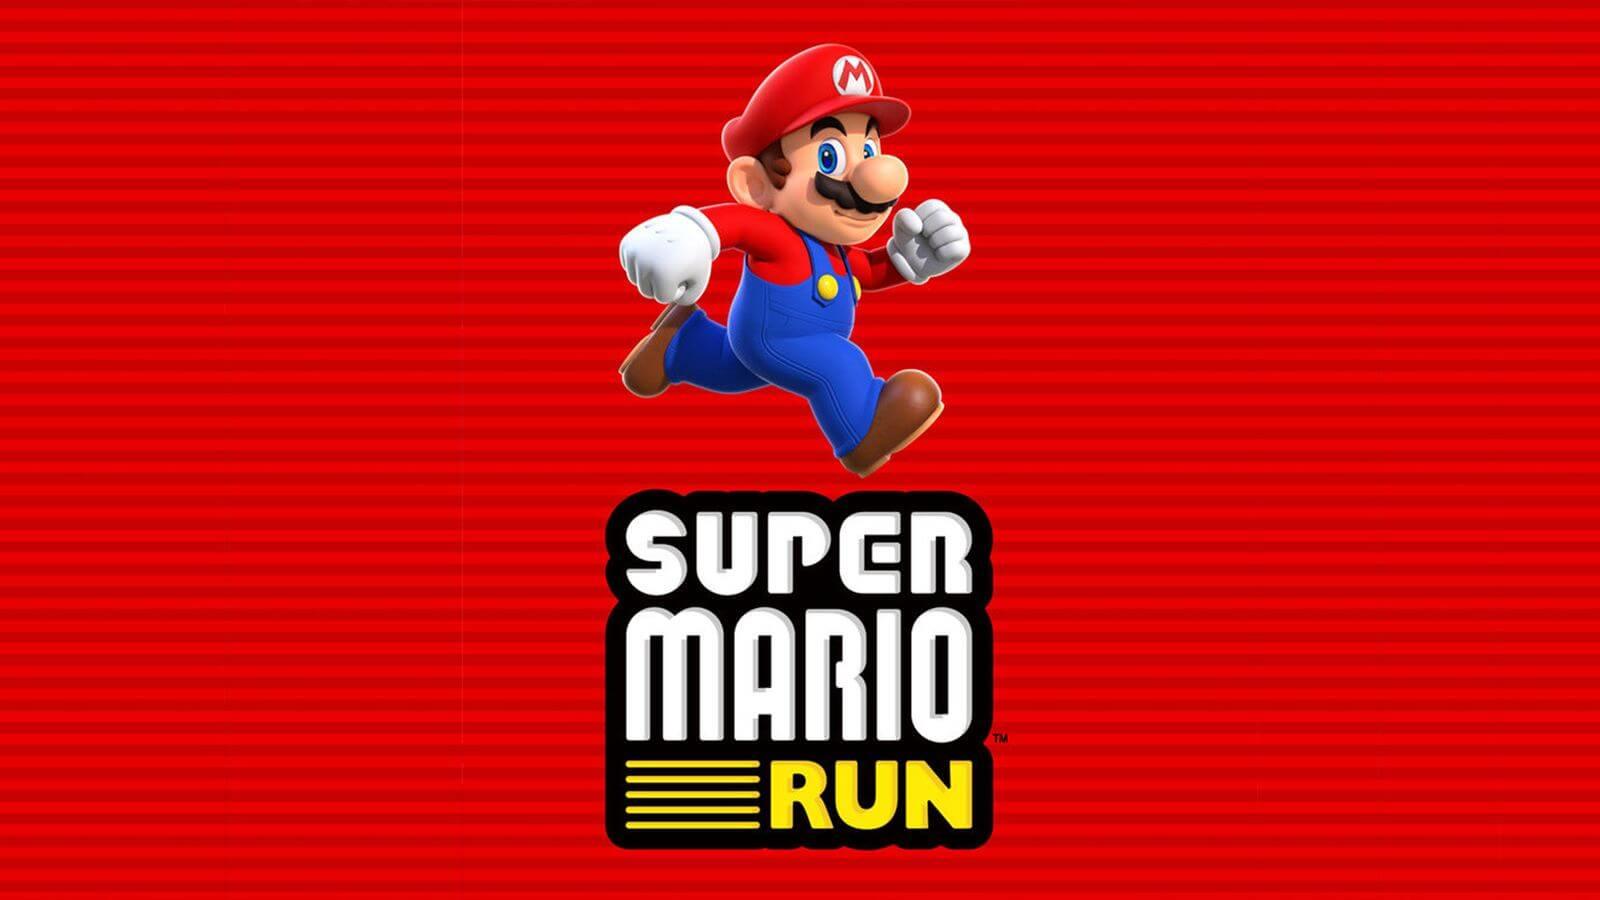 Run, Mario!